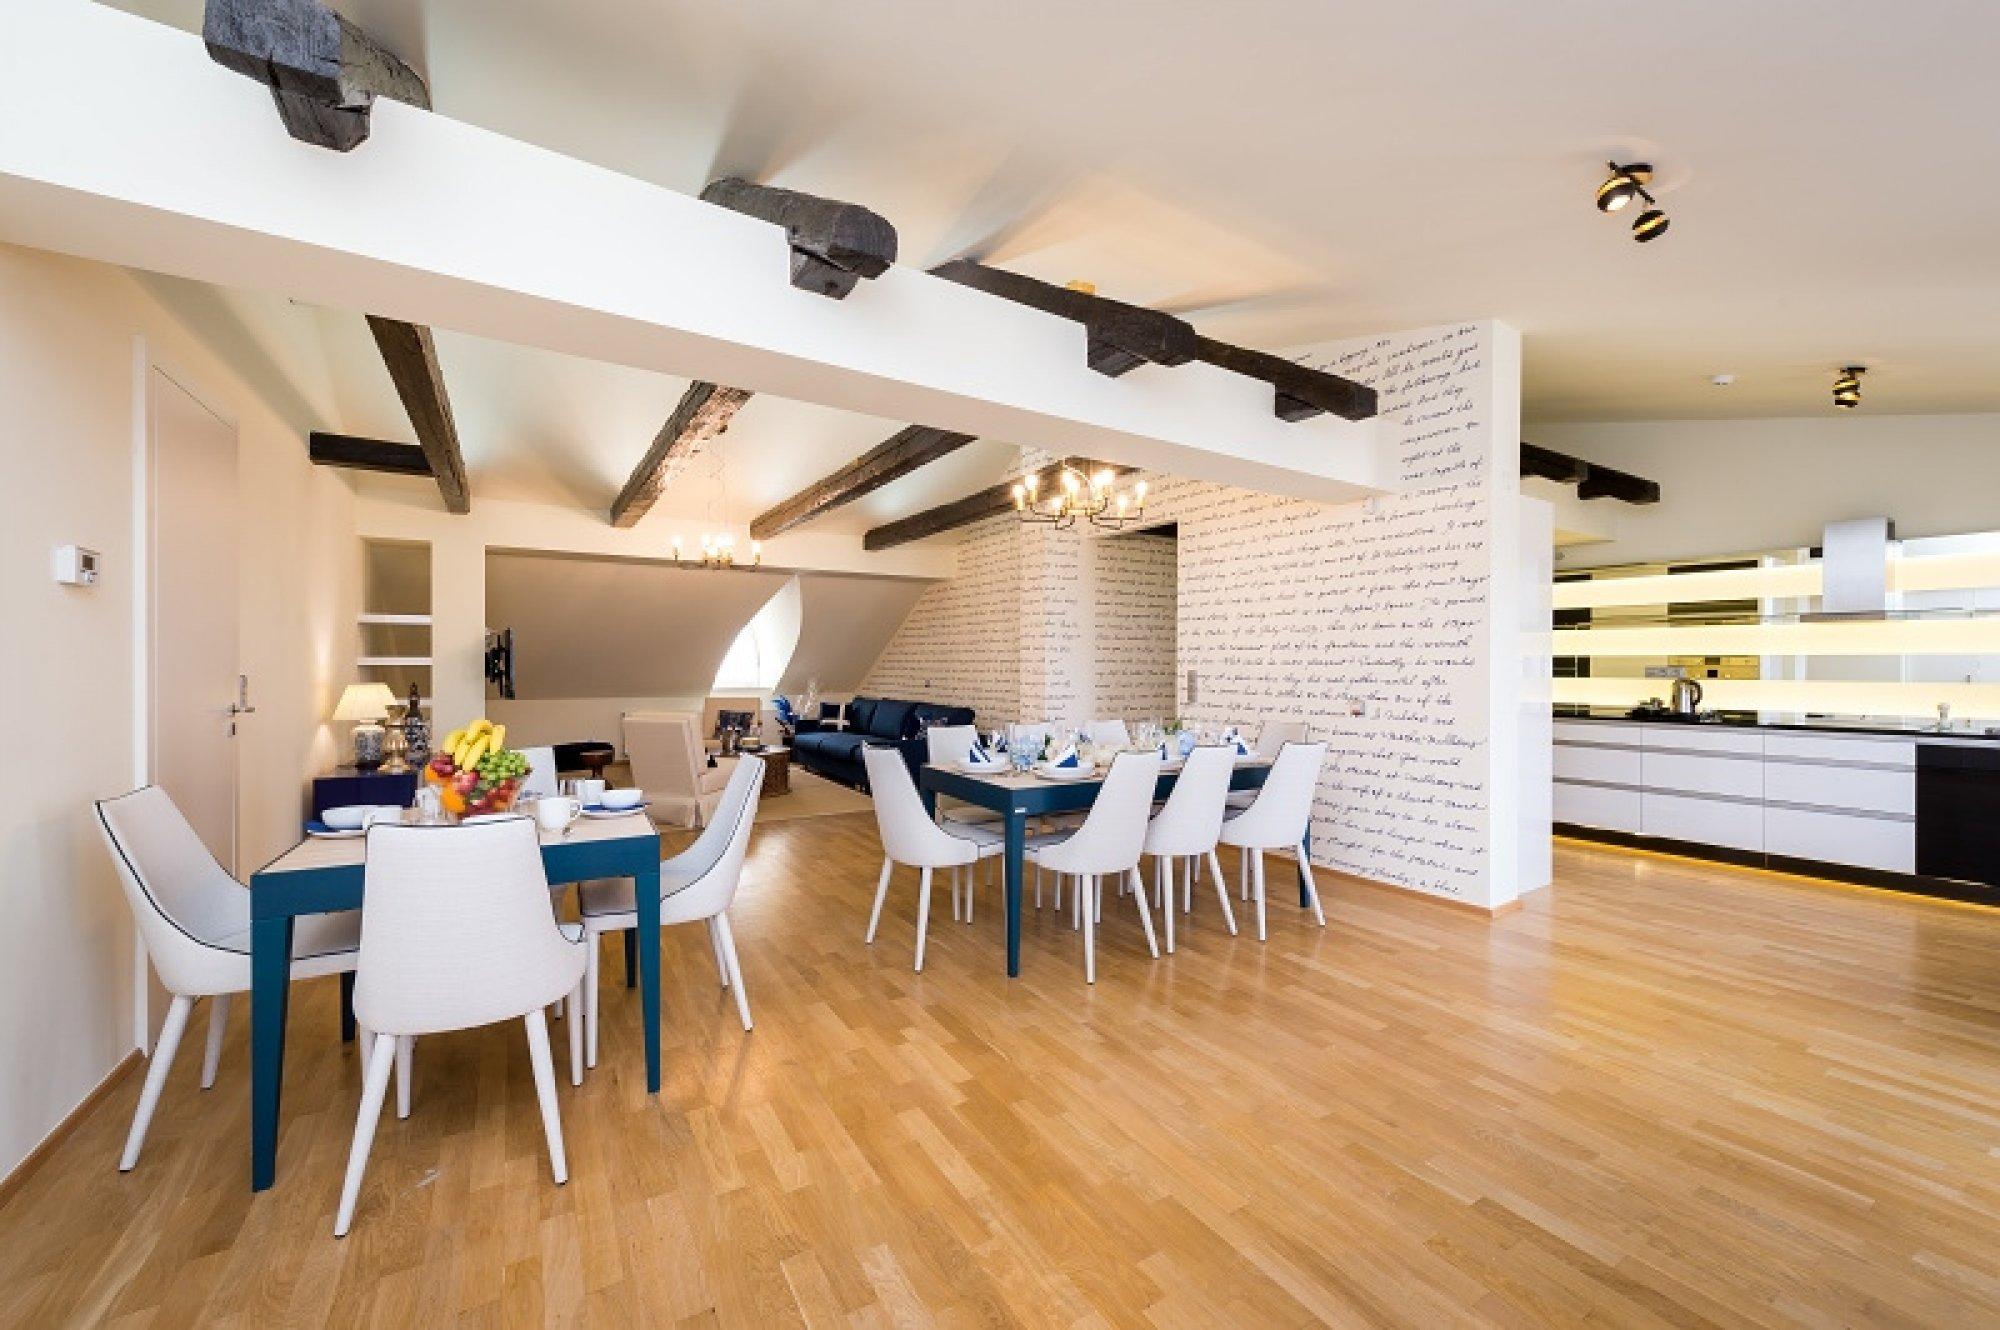 Půdní byt 5+kk, plocha 281 m², ulice Vítězná, Praha 1 - Malá Strana | 1